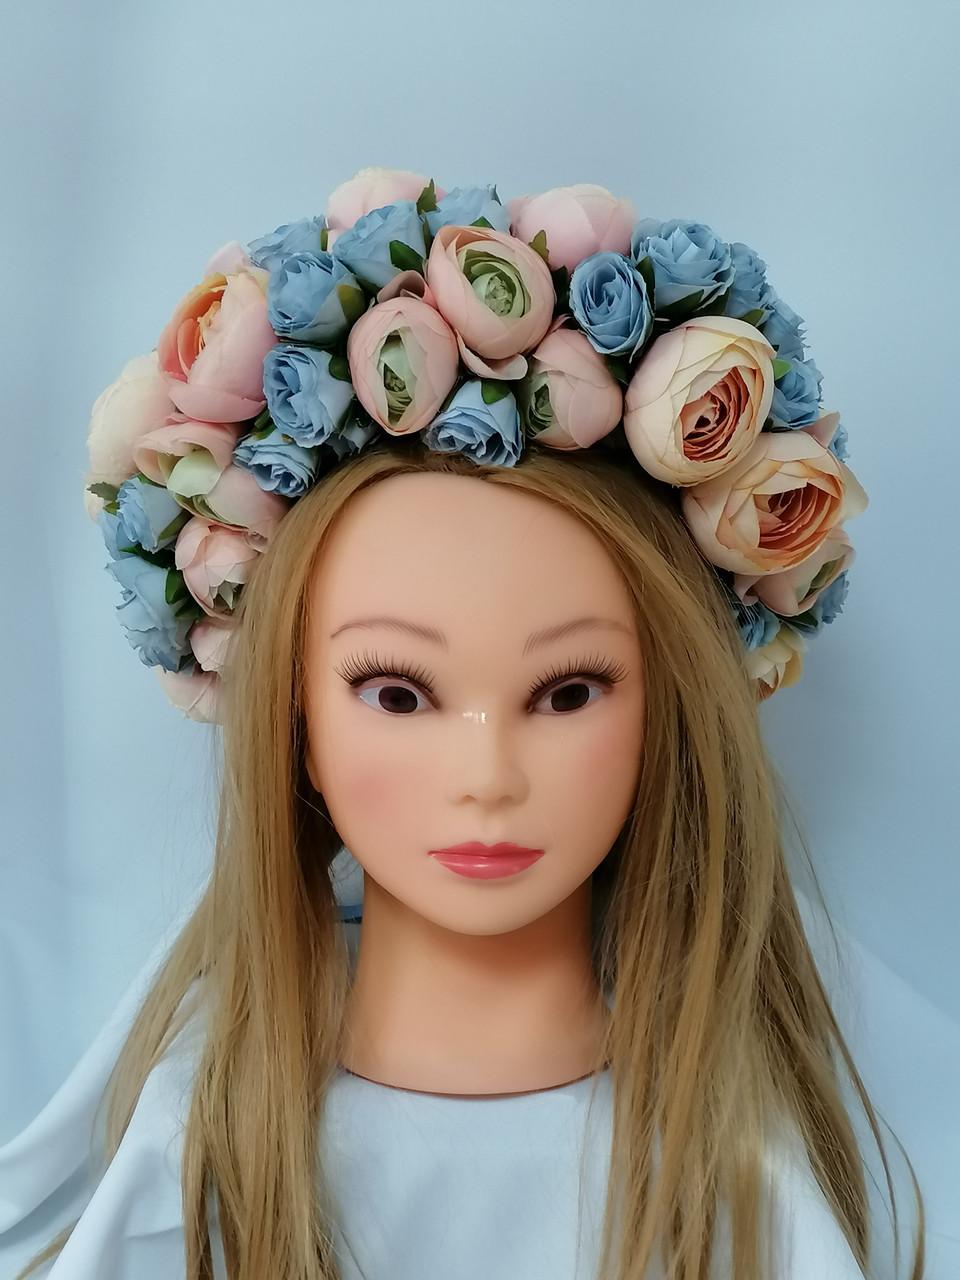 Вінок на голову Волинські візерунки з штучних квітів в пастельних тонах